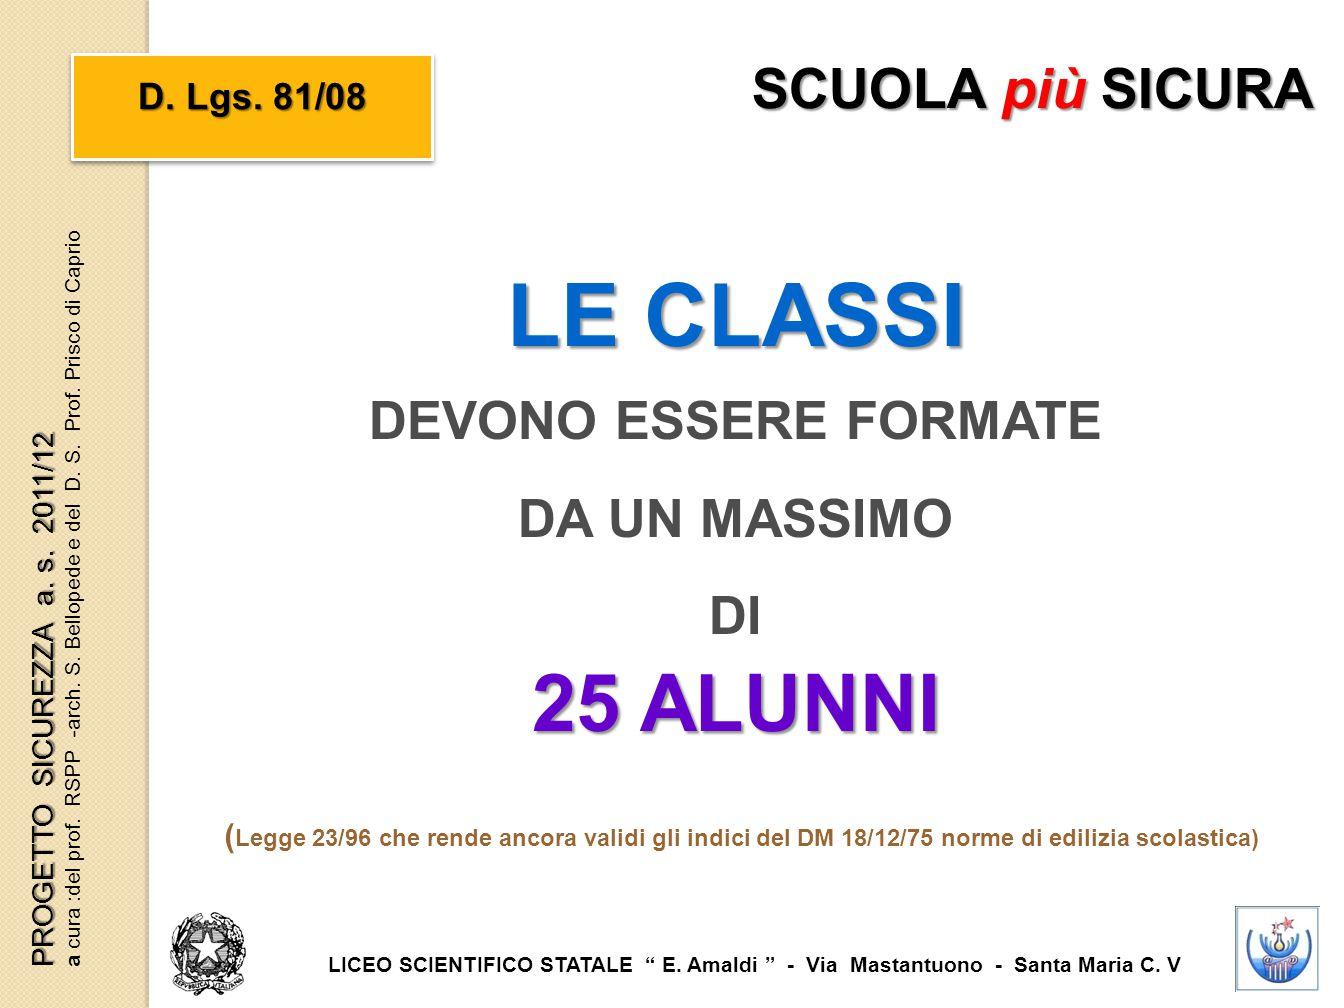 """LE CLASSI DEVONO ESSERE FORMATE DA UN MASSIMO DI 25 ALUNNI D. Lgs. 81/08 SCUOLA più SICURA LICEO SCIENTIFICO STATALE """" E. Amaldi """" - Via Mastantuono -"""